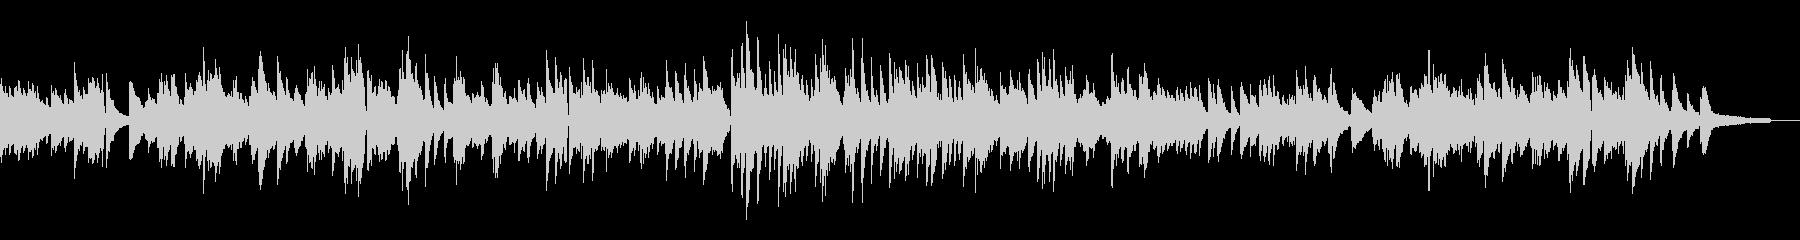 優しく温かいピアノのバラードの未再生の波形